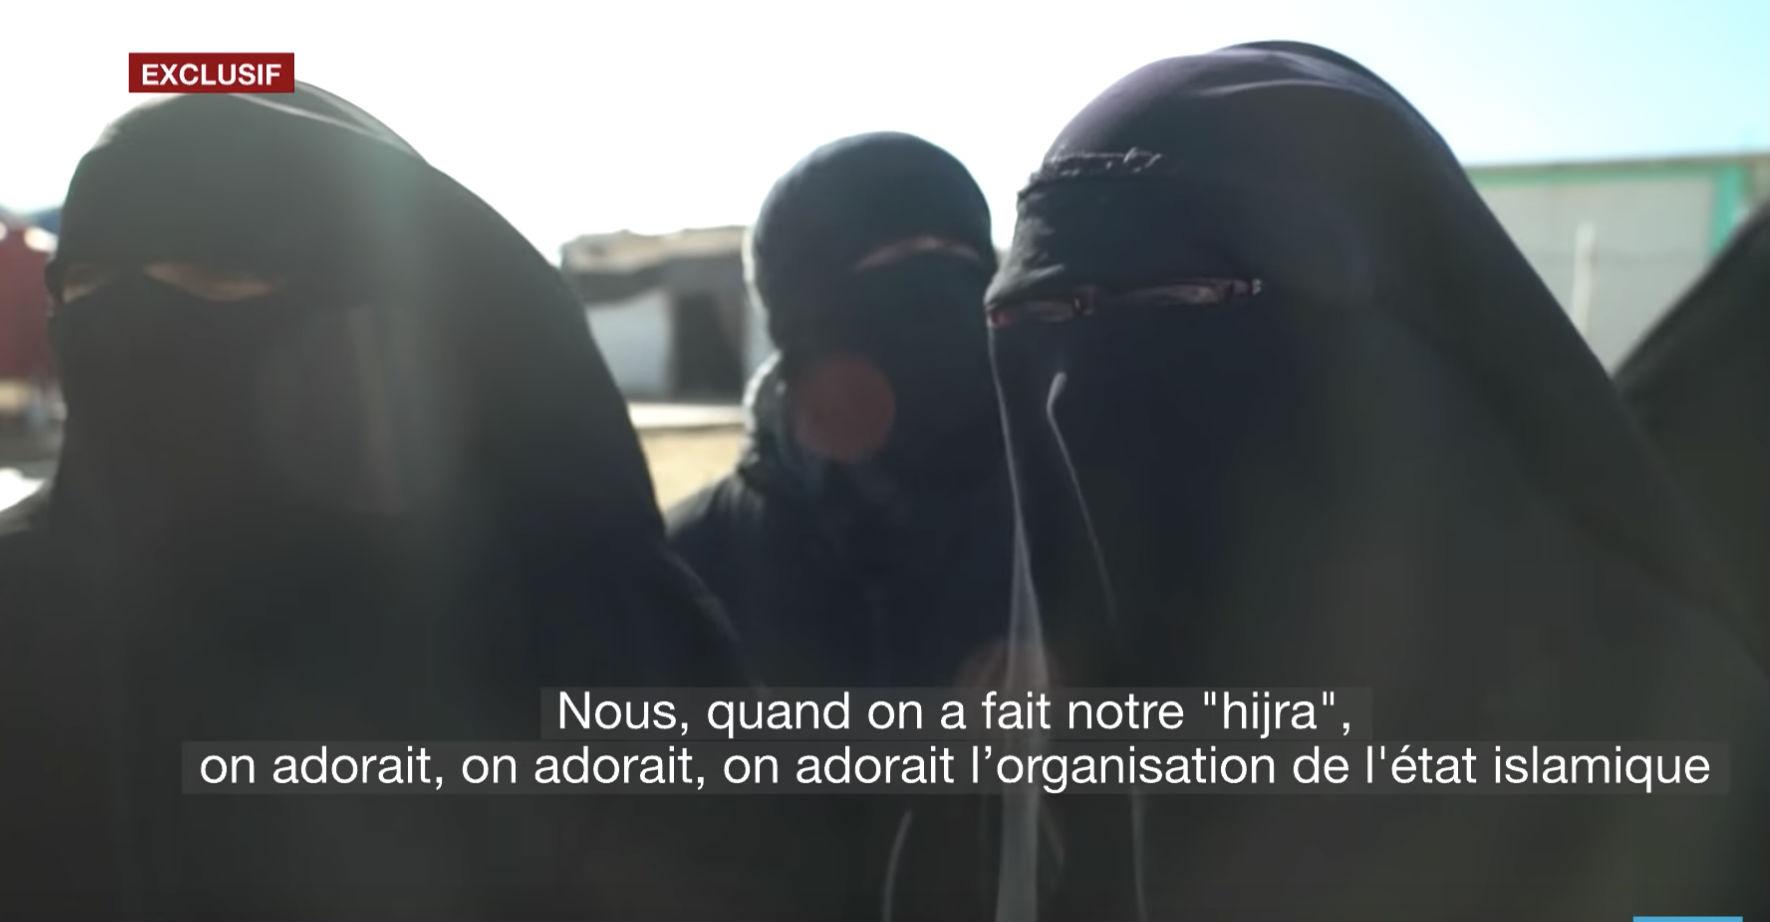 Syrie : dans un camp d'internement des femmes jihadistes «Même si elles disent aujourd'hui ne plus être avec Daech, la plupart continue d'avoir une pratique extrêmement extrémiste de la religion musulmane.» (Vidéo)